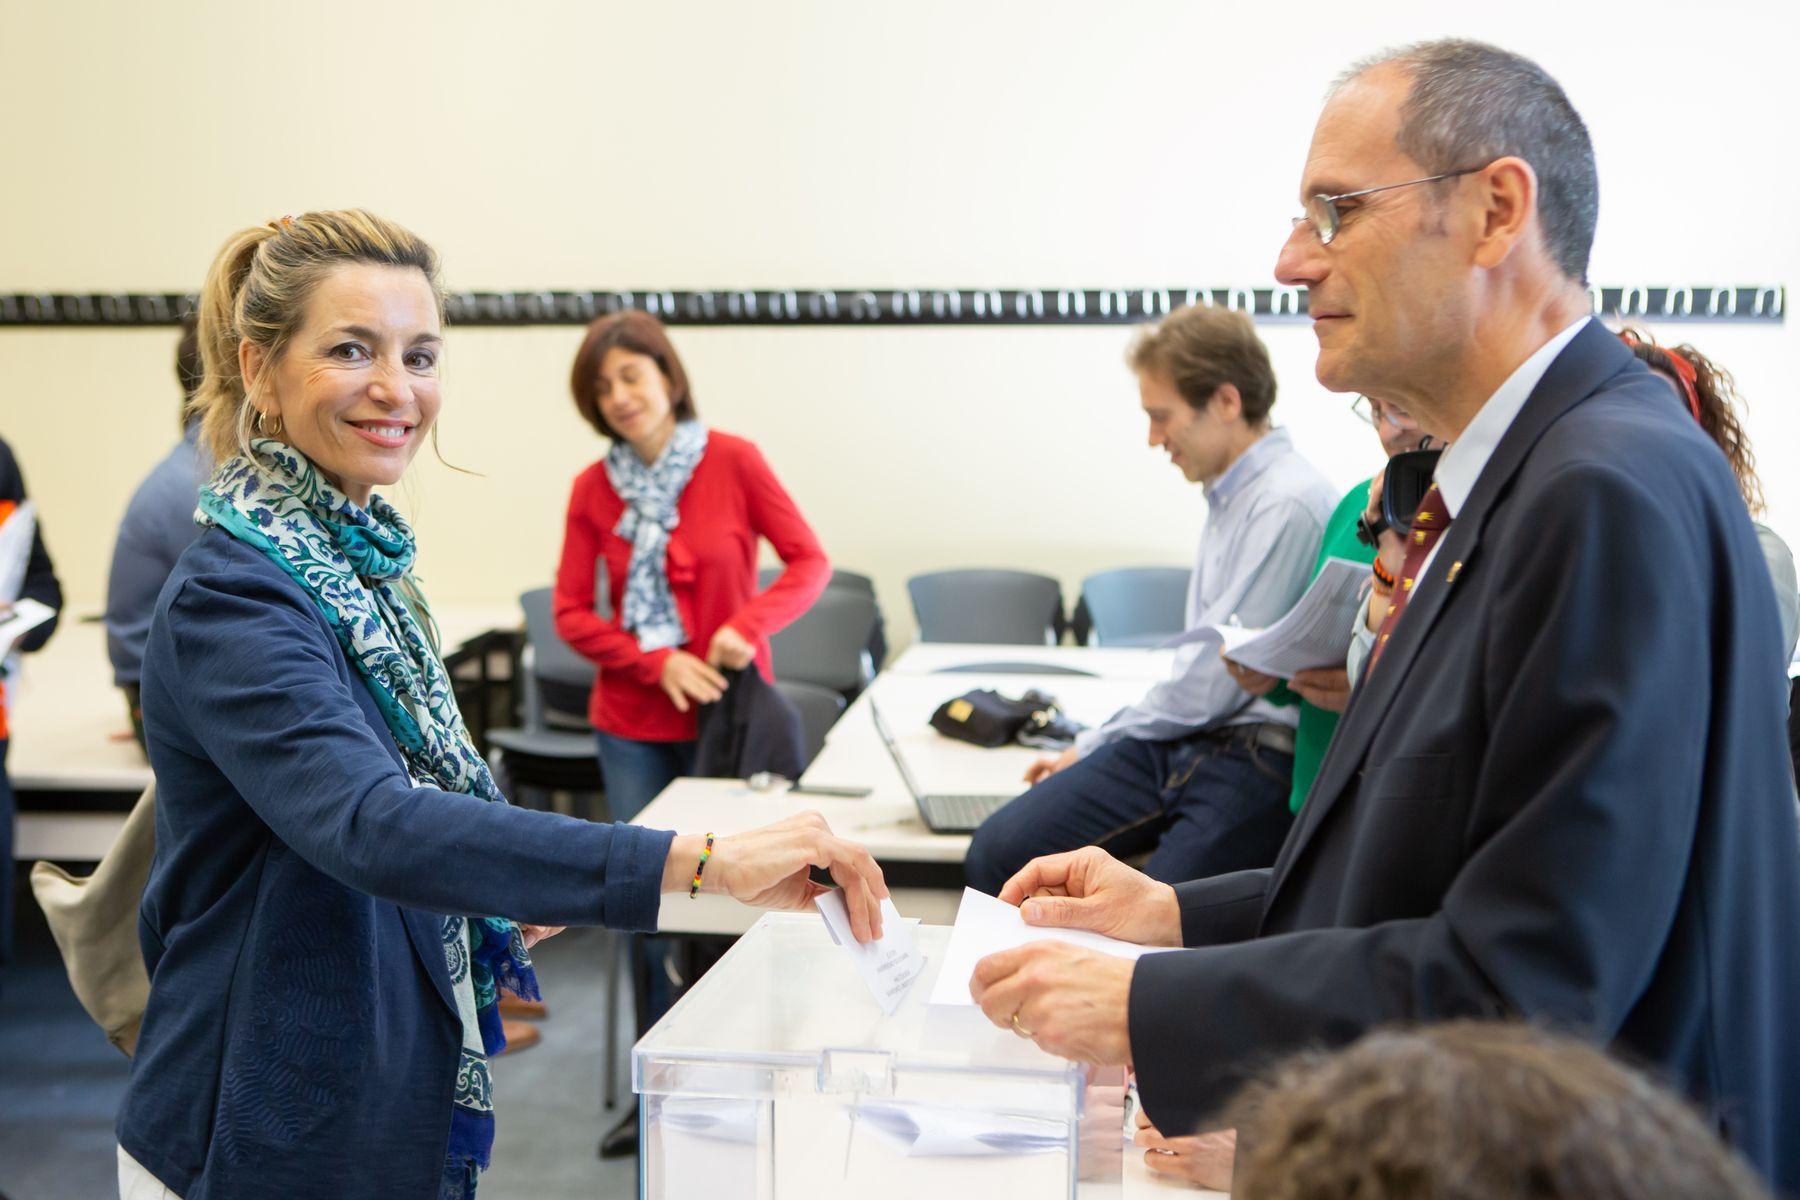 La candidata María José Beriáin, directora del Instituto IS-FOOD, emite su voto en las elecciones.